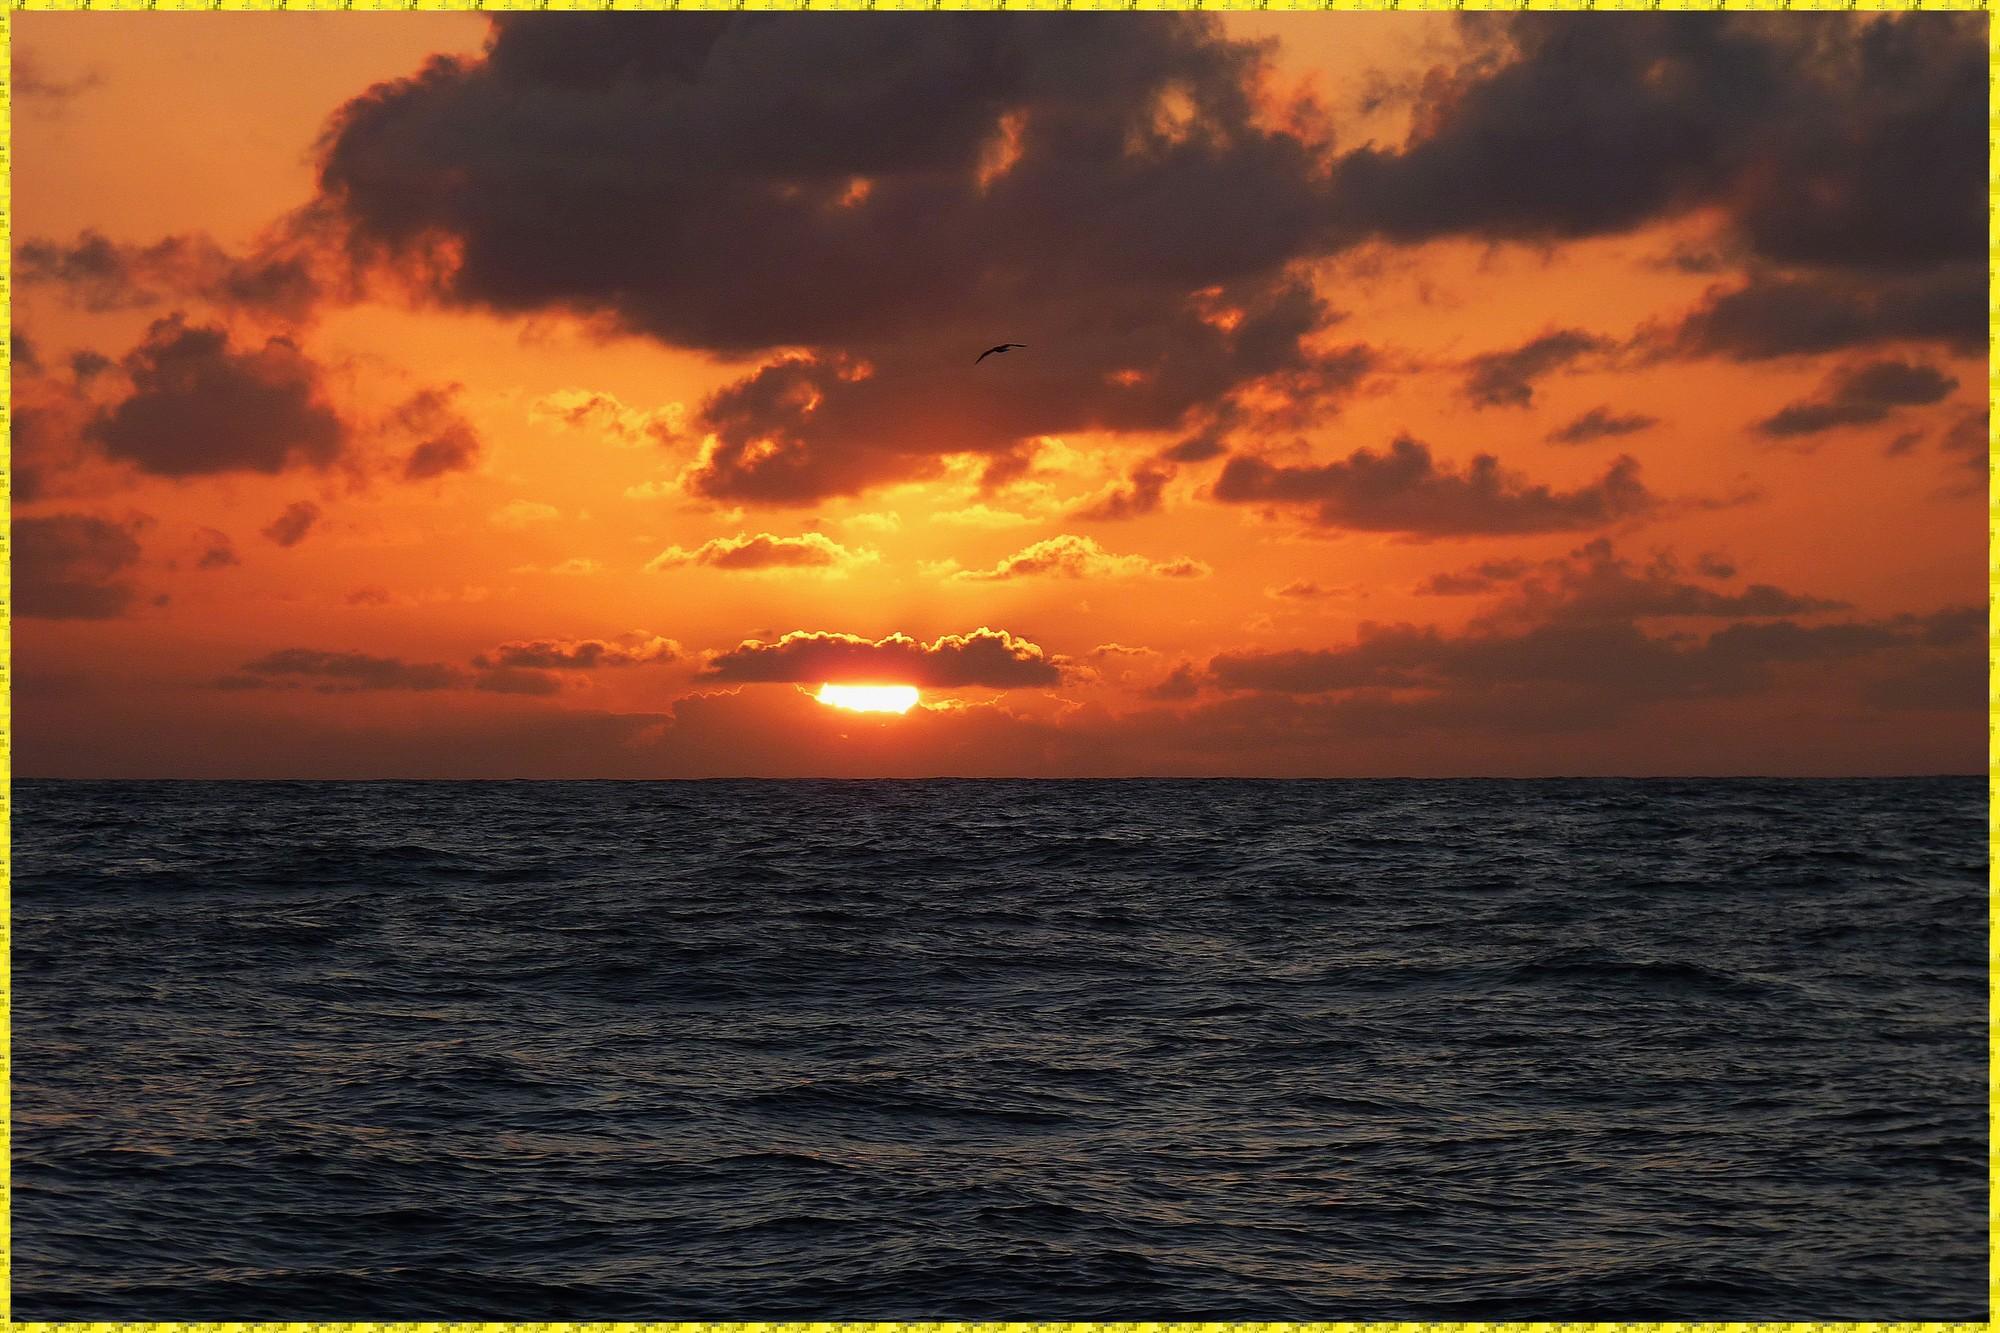 J7 - Coucher de soleil à la sortie du Golfe de Gasgogne